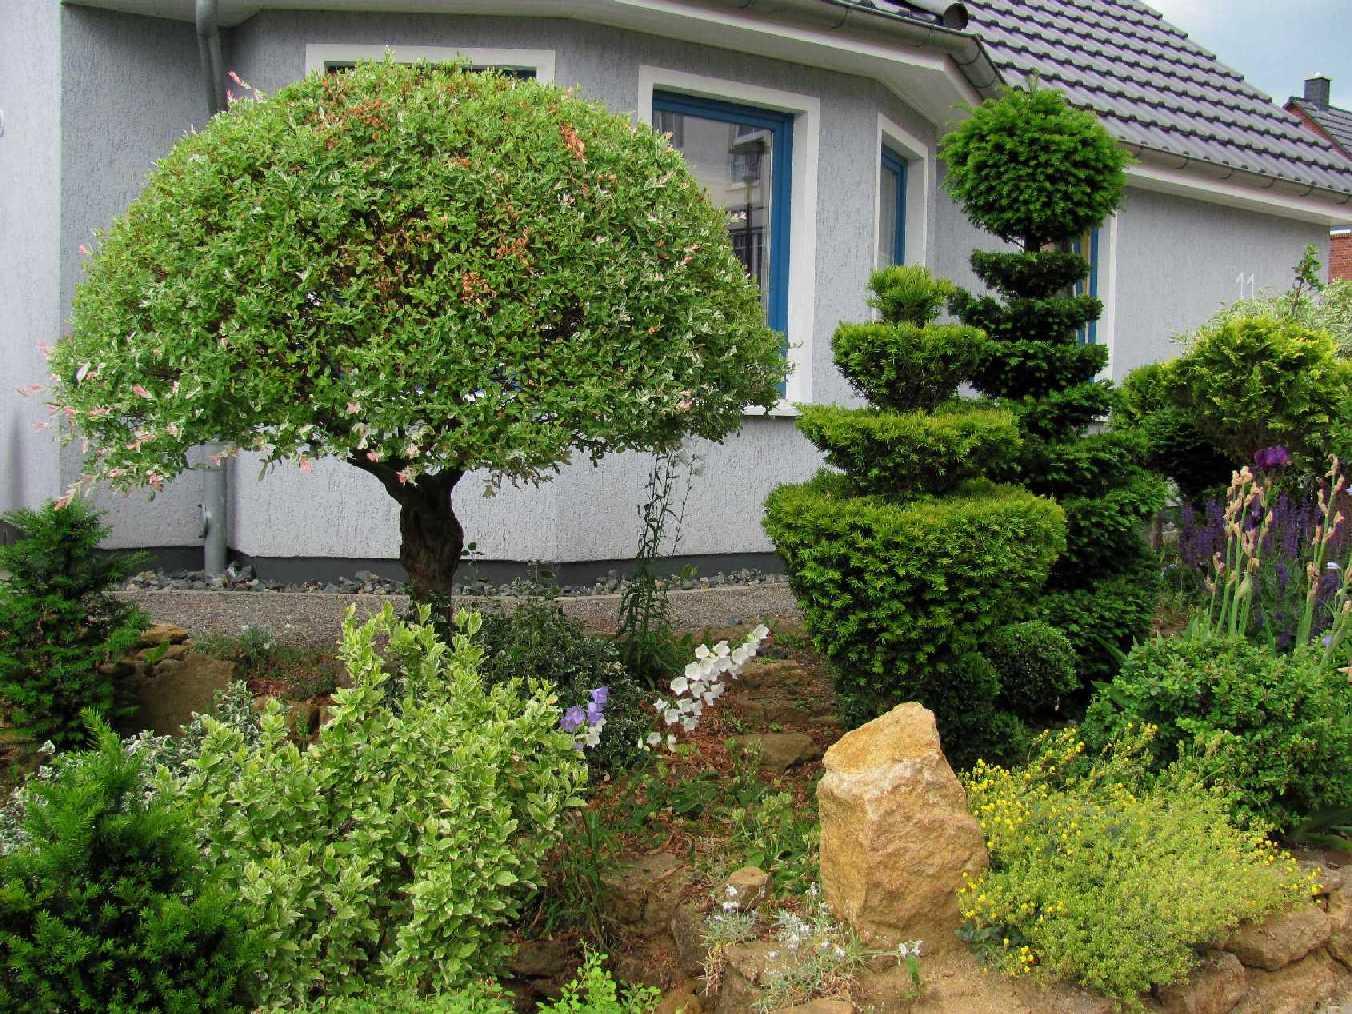 pin vorgarten mit buchsbaum on pinterest. Black Bedroom Furniture Sets. Home Design Ideas